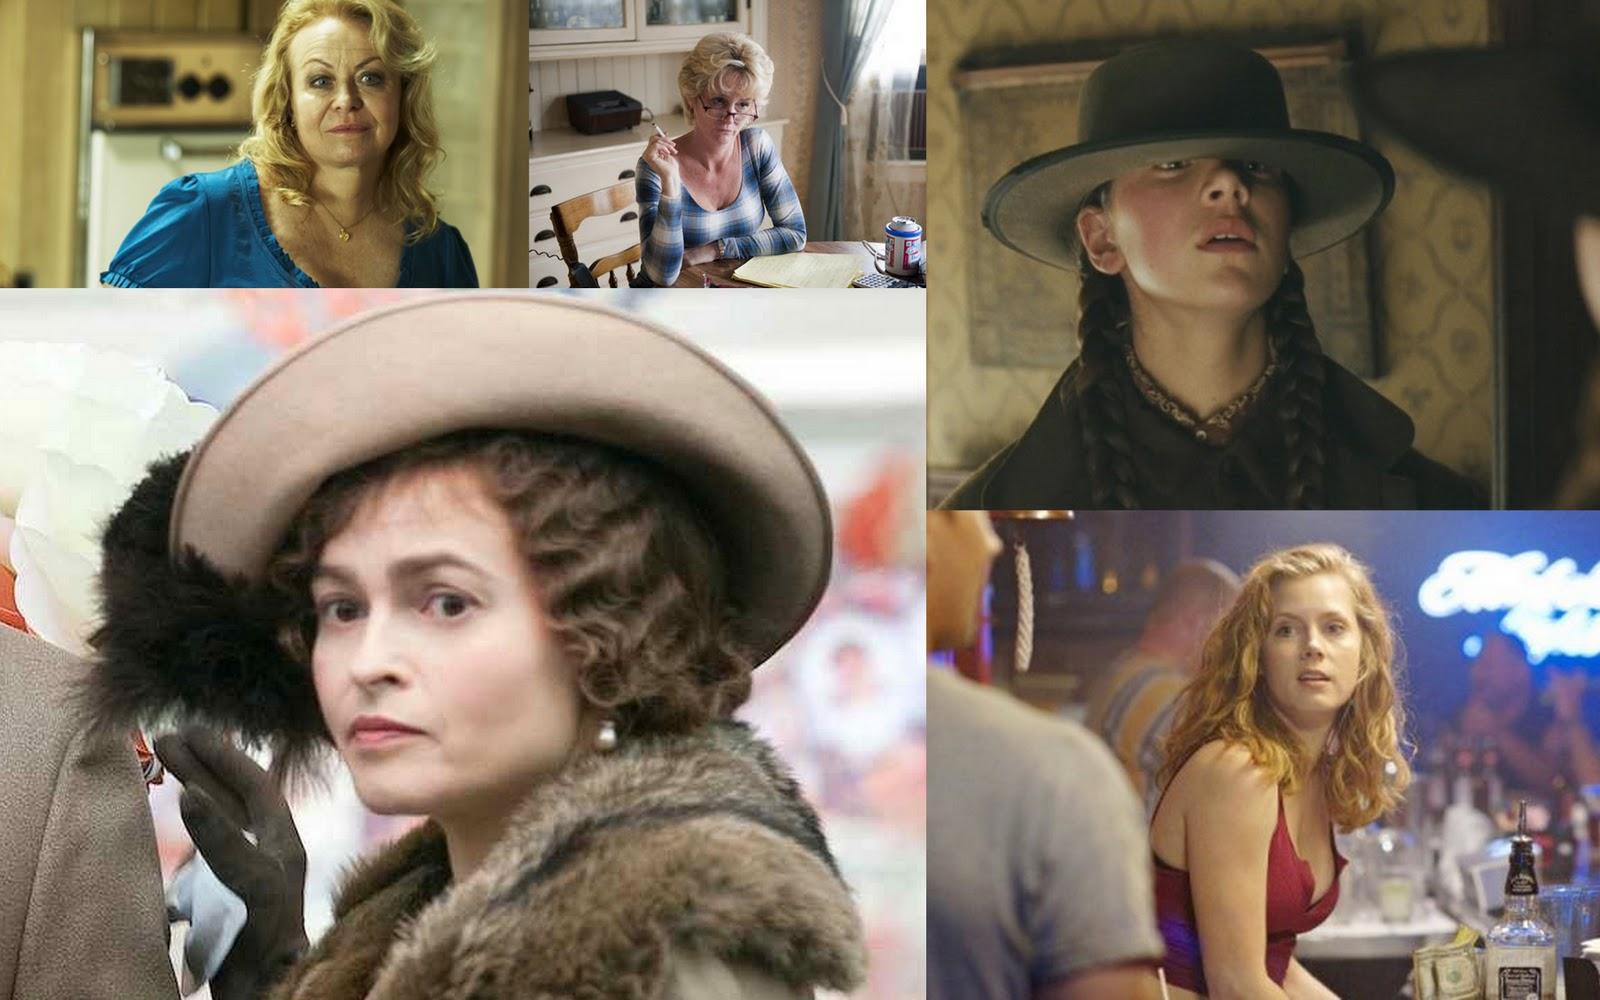 http://3.bp.blogspot.com/_fX2bcJPPTj8/TUG5jM6jY9I/AAAAAAAAV2E/7TSIFjOfWx8/s1600/best+supporting+actress.jpg